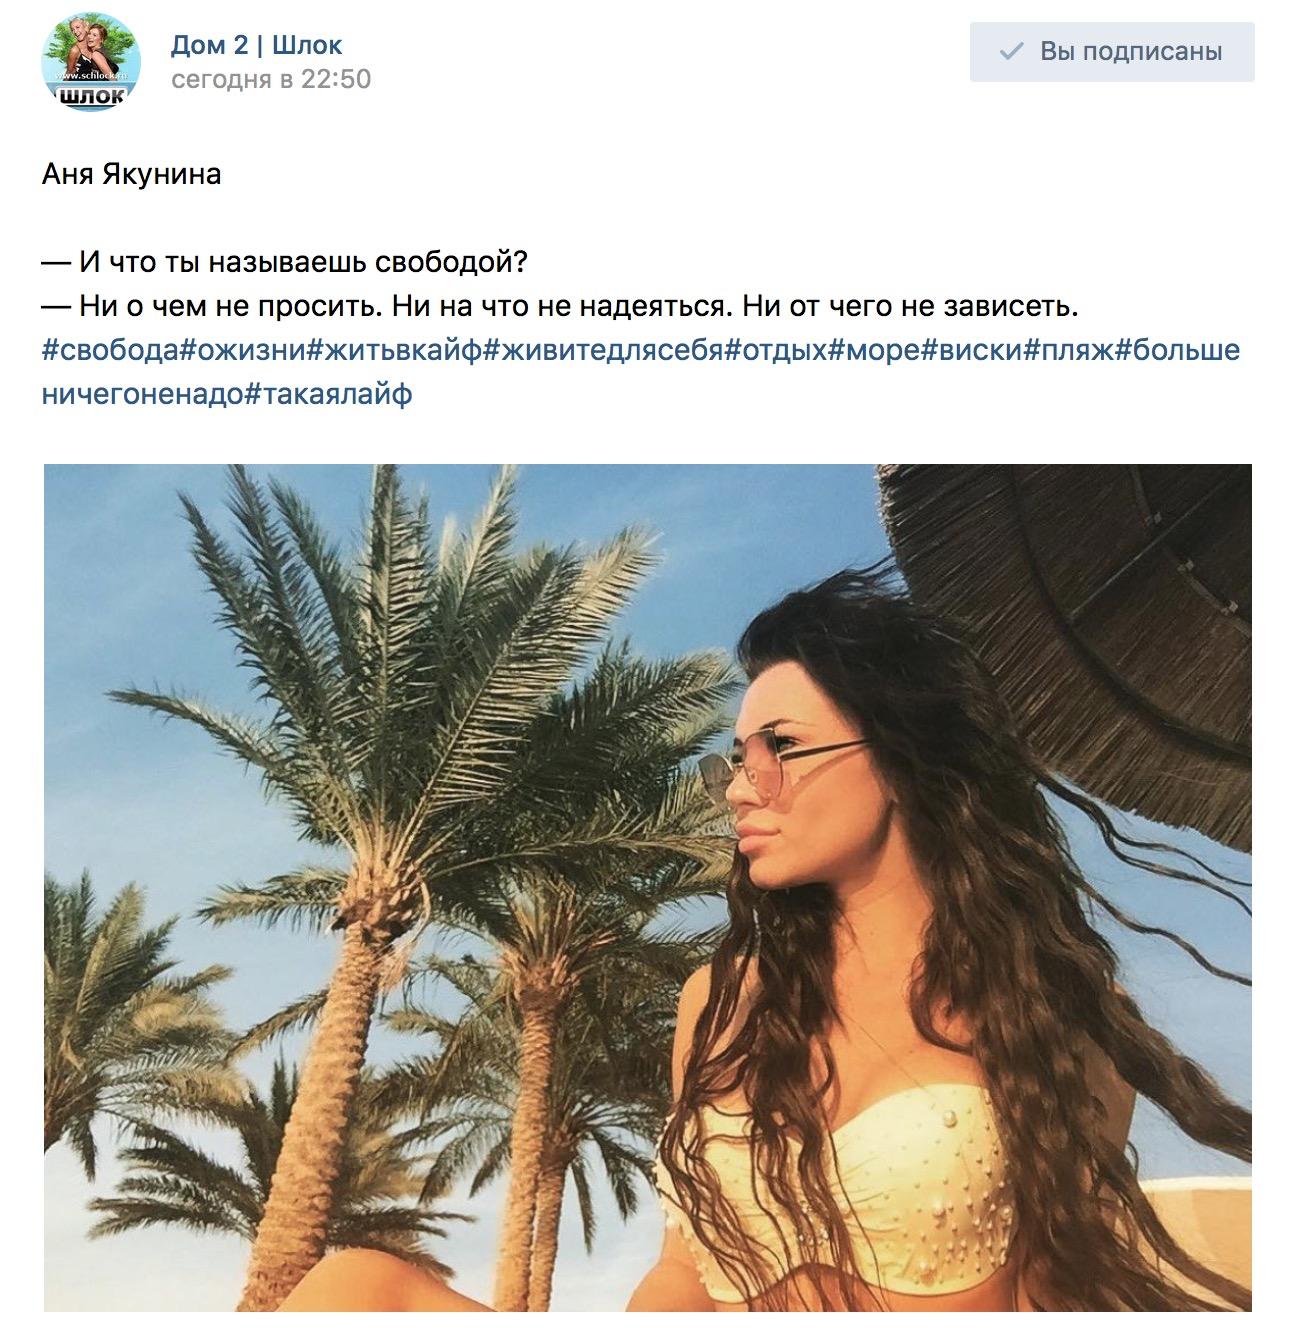 Аня Якунина свободна